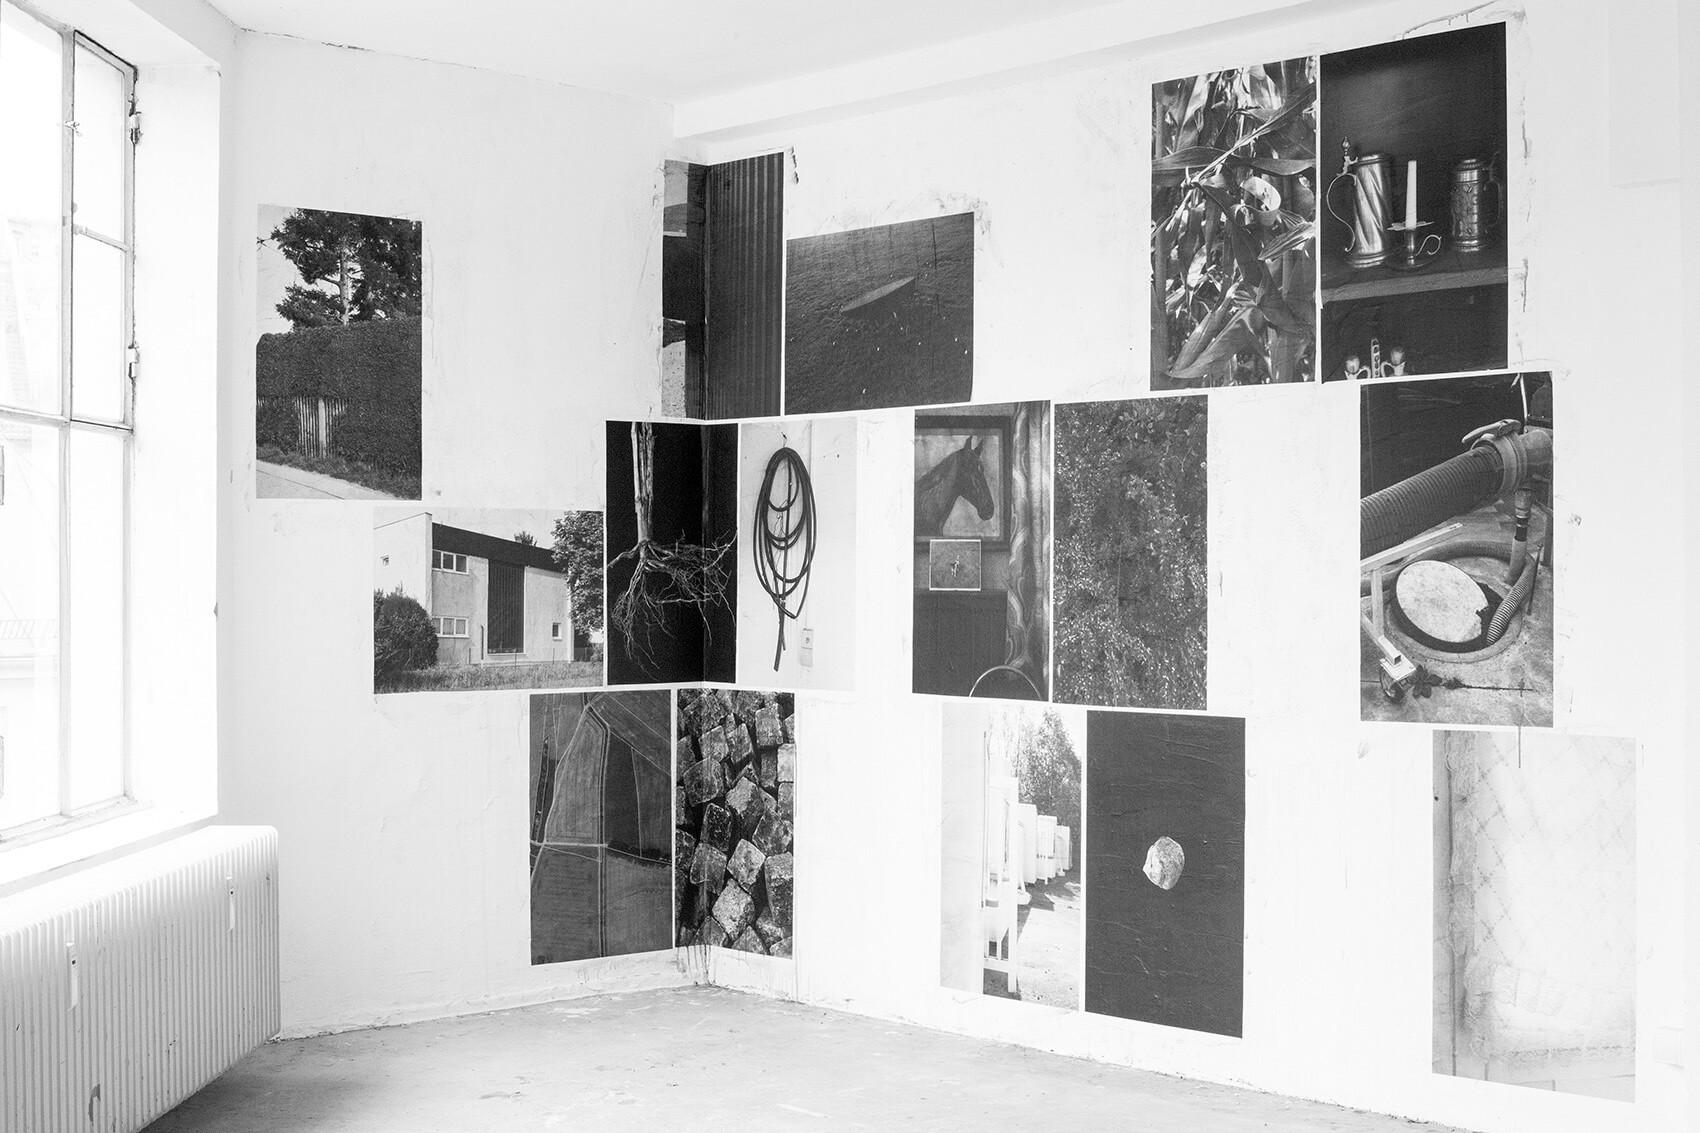 """Die Installation """"Salt Road"""" der Künstlerin Verena Hägler ist in Schwarzweiß zu sehen. Die Fotografien sind an eine Wand geklebt."""